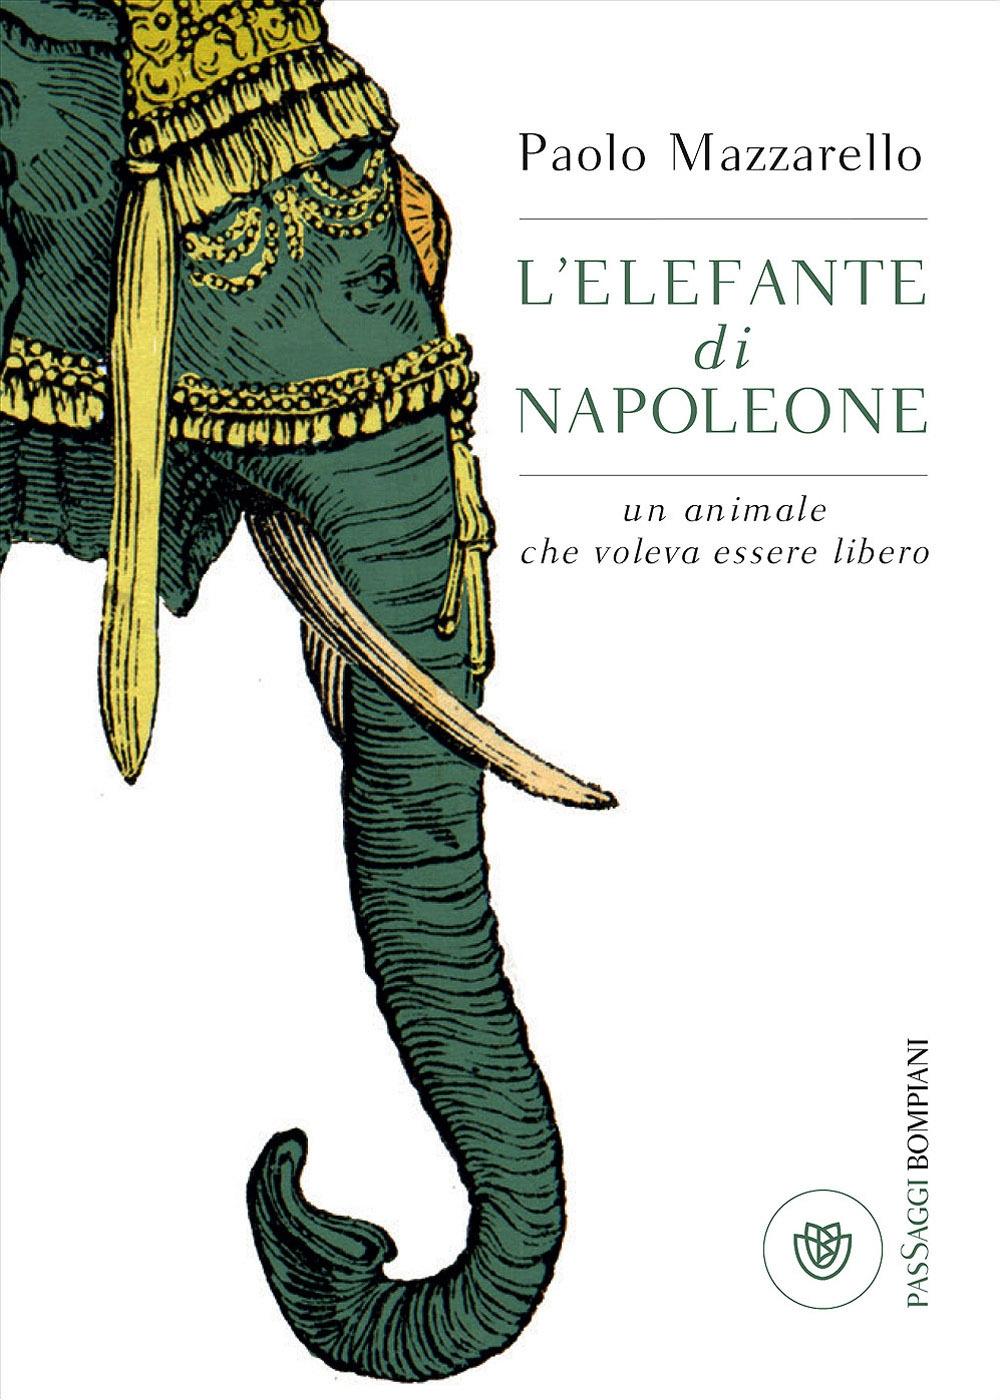 L'elefante di Napoleone. Un animale che voleva essere libero